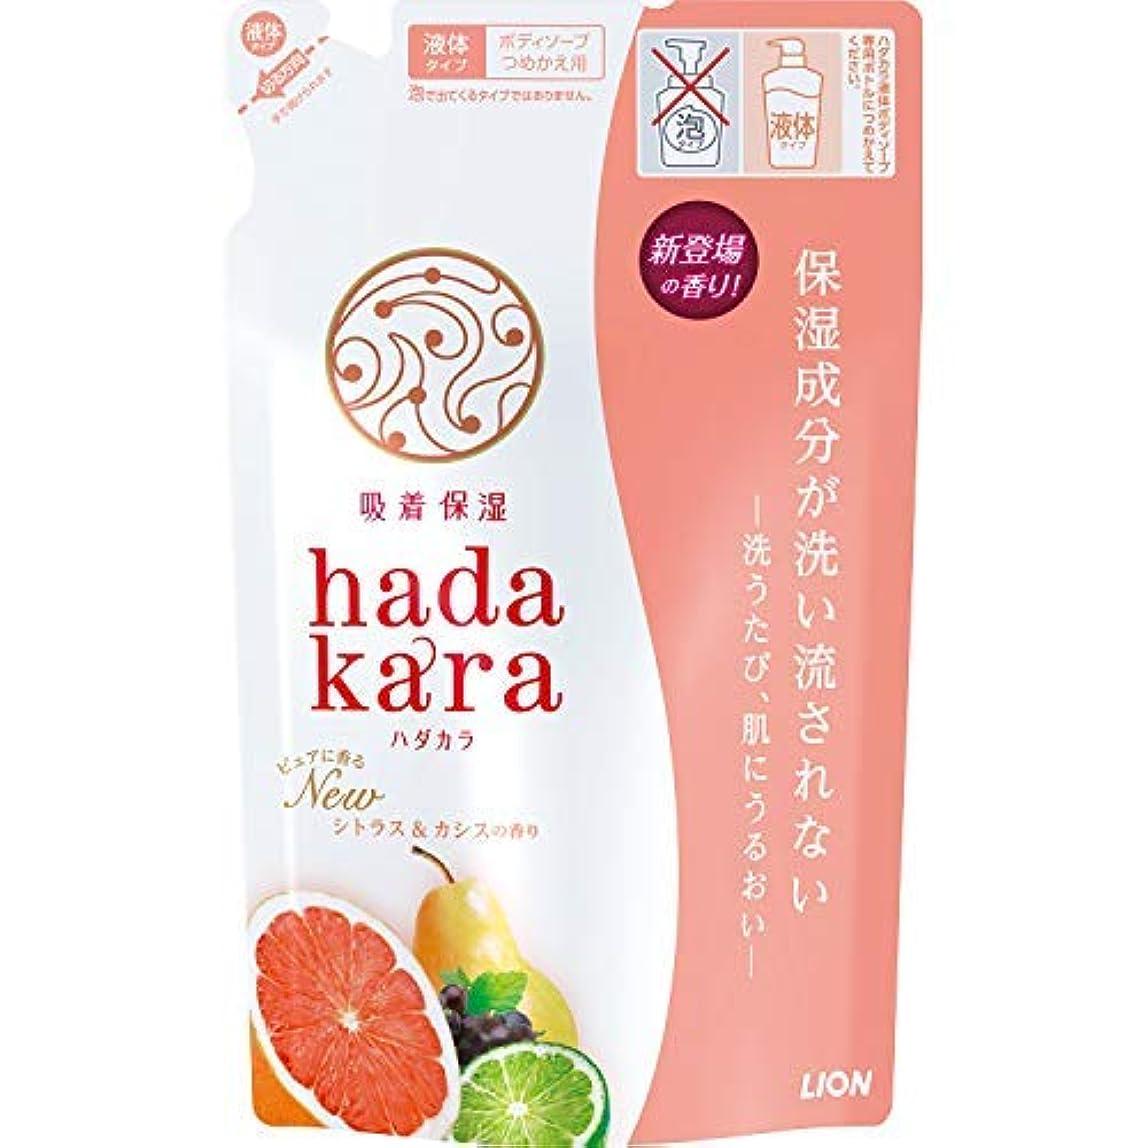 良心的アジテーション祭りhadakara(ハダカラ)ボディソープ シトラス&カシスの香り 詰替え用 360ml × 2個セット